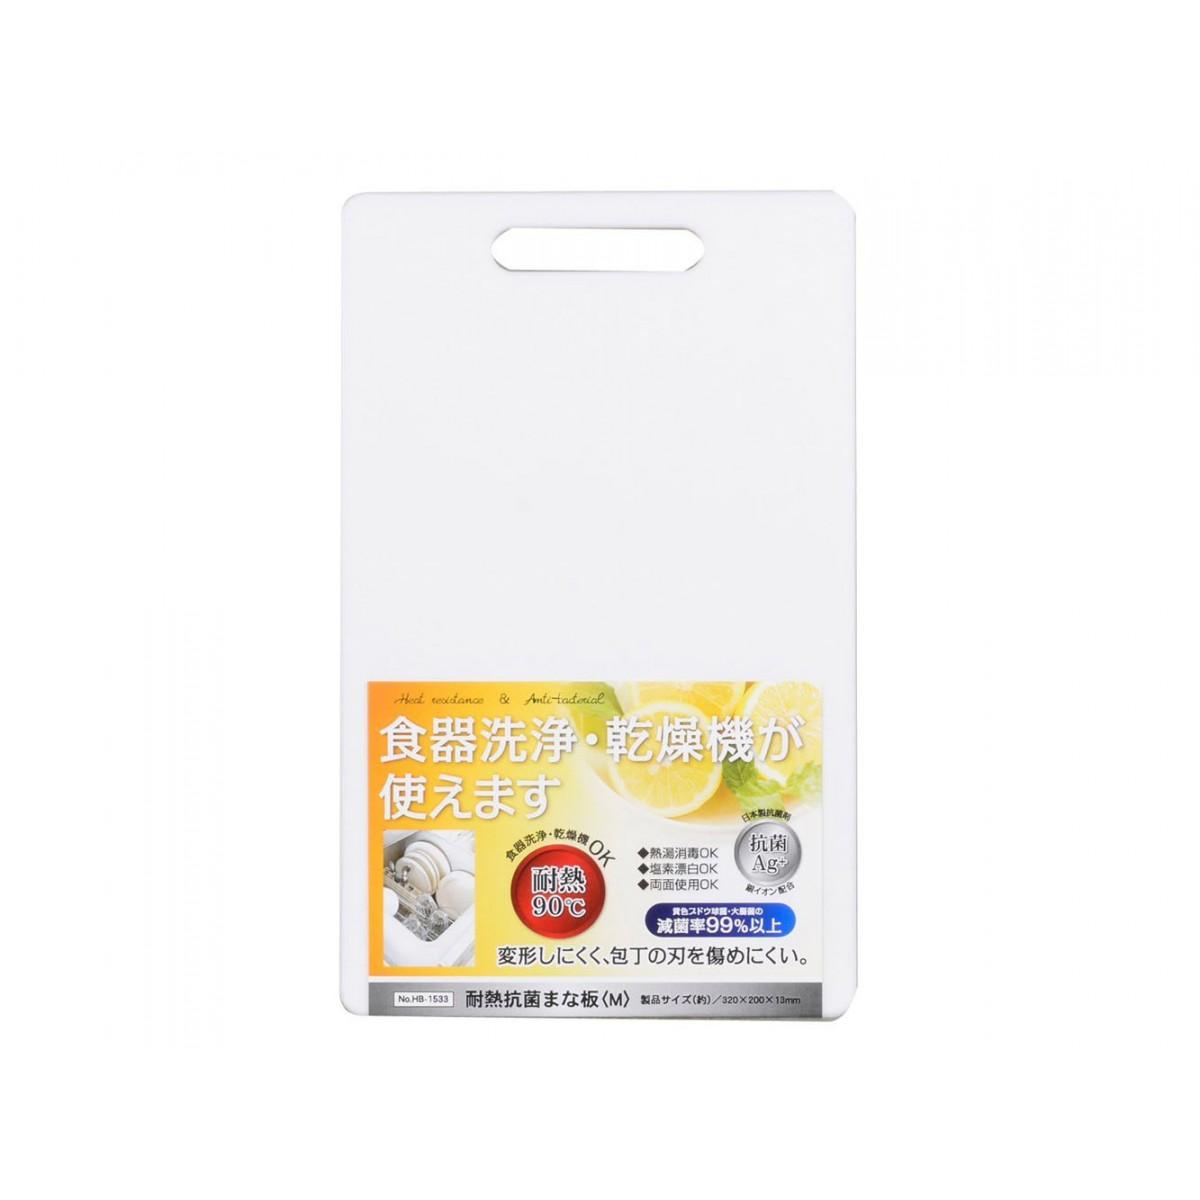 Combo Thớt nhựa kháng khuẩn độ dày 1,3cm + Dao nhà bếp inox lưỡi đặc nội địa Nhật Bản